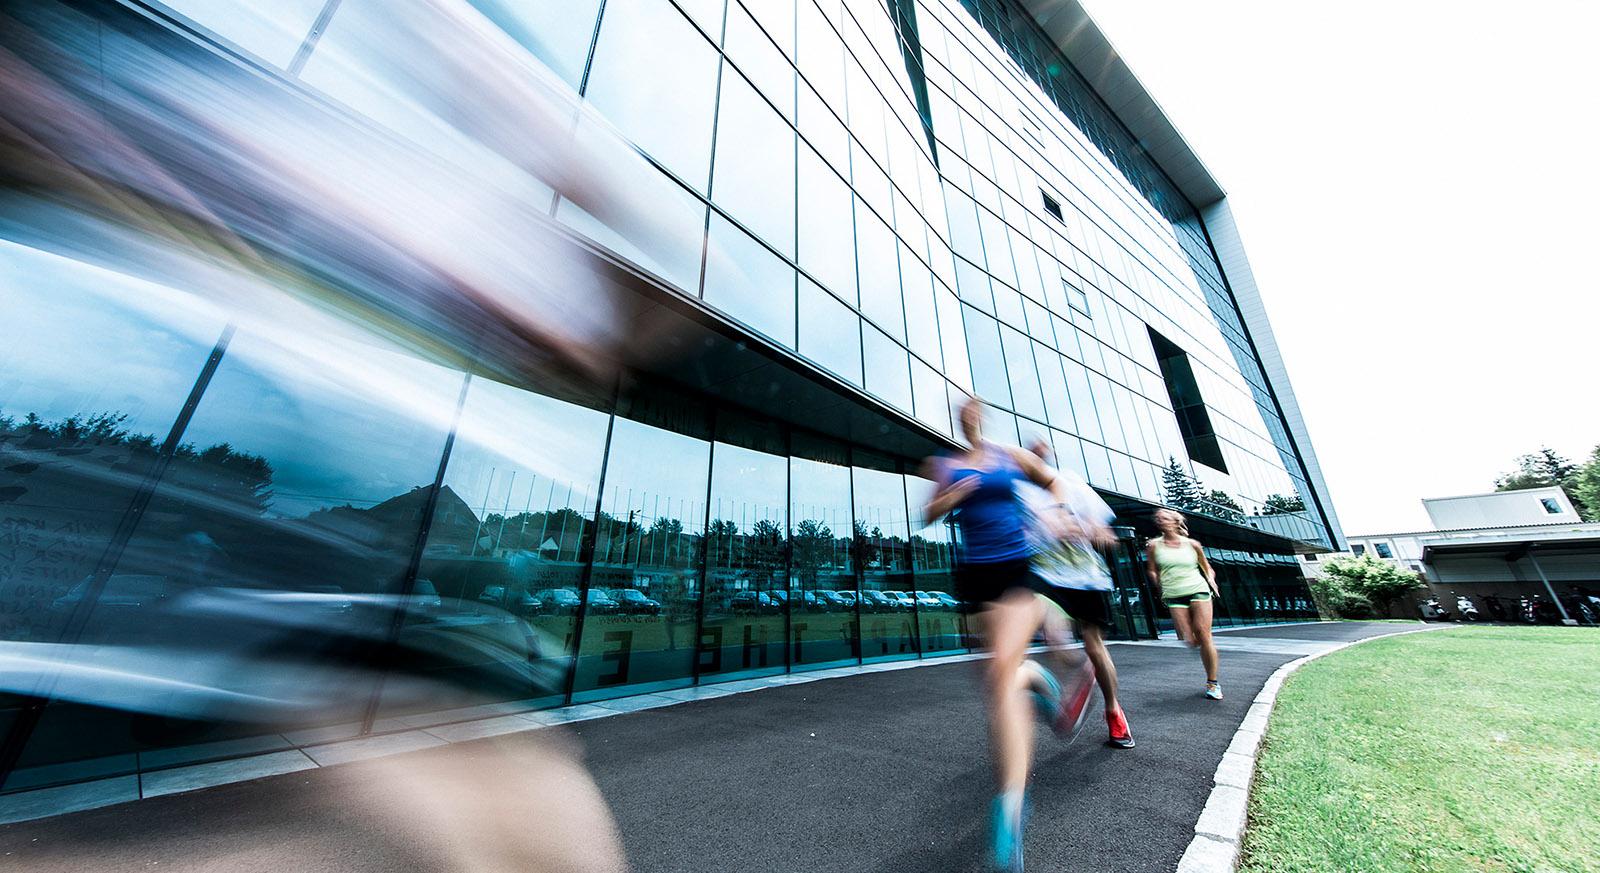 Glasfassade der Zentrale in Hart bei Graz mit drei sportlichen Läufern im Vordergrund © KNAPP AG